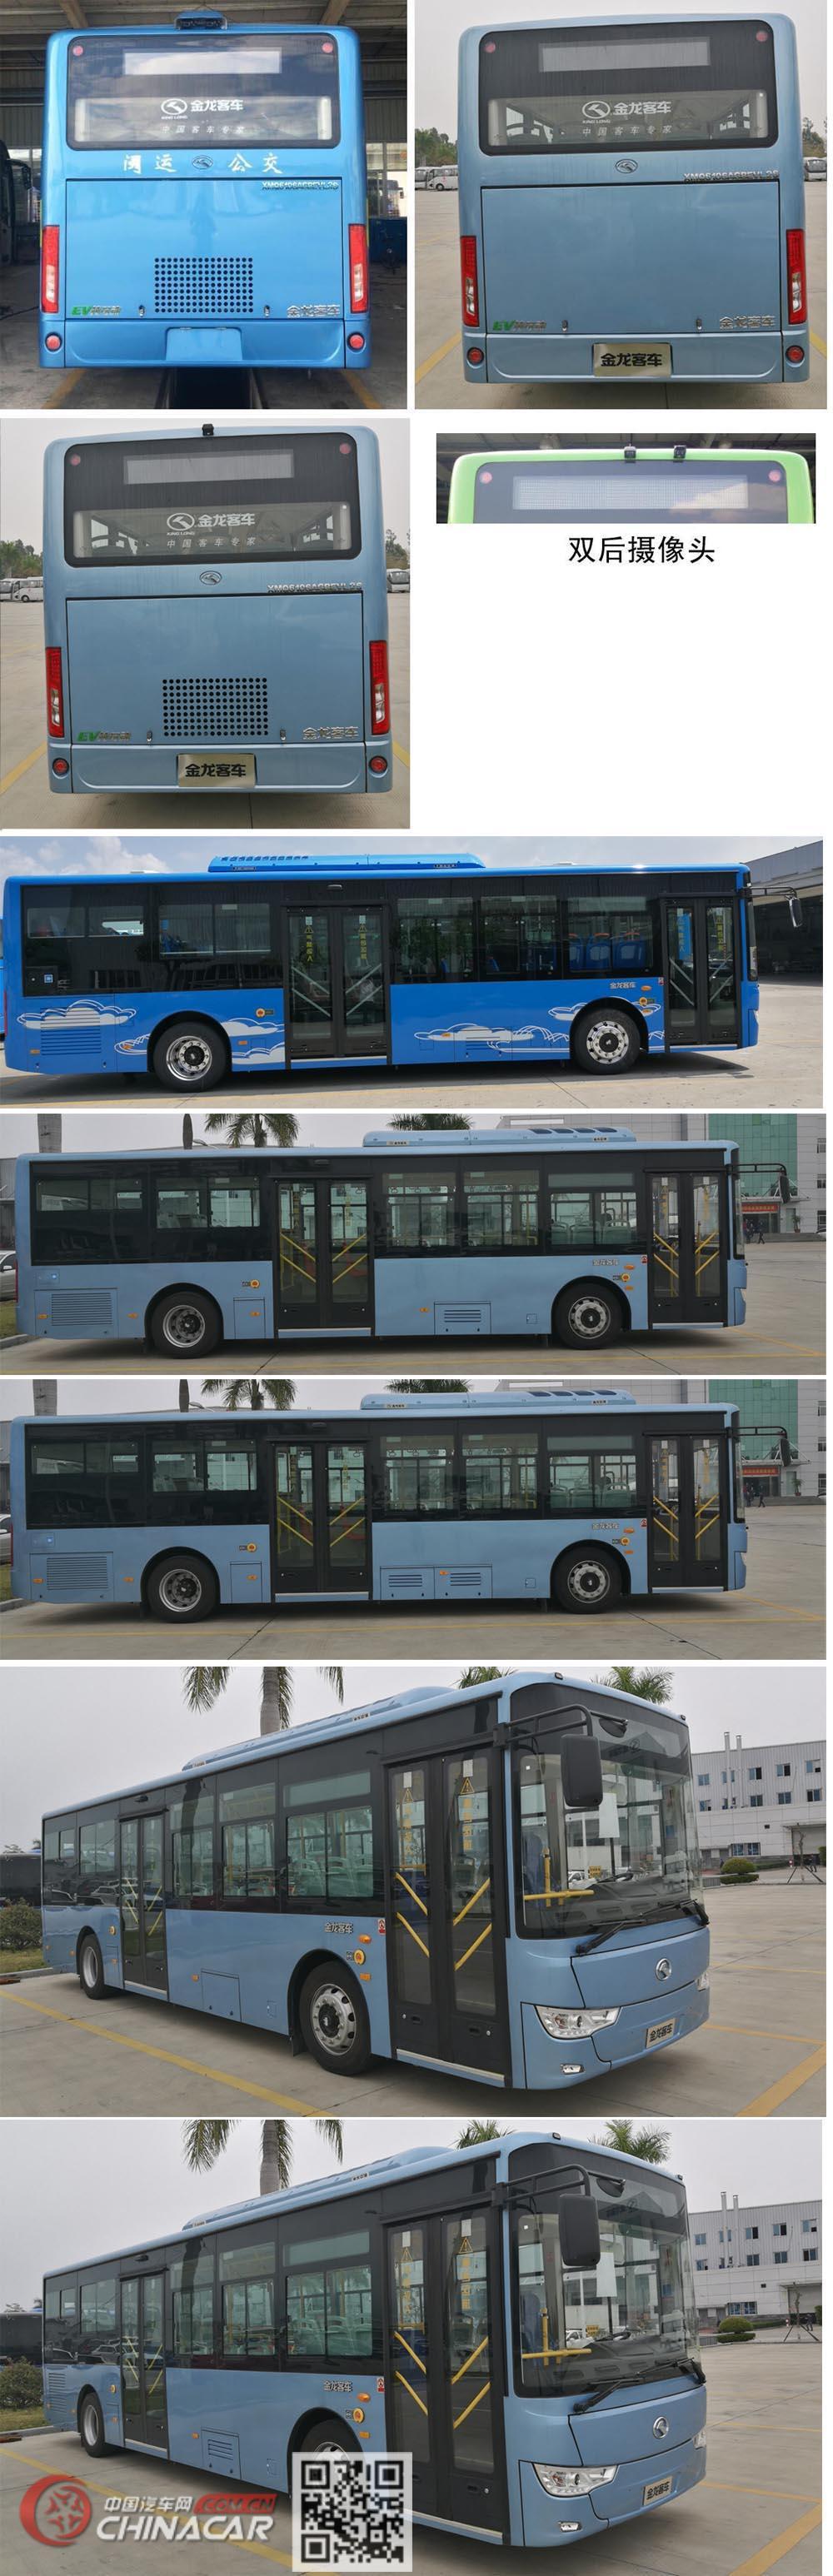 金龙牌XMQ6106AGBEVL25型纯电动城市客车图片4